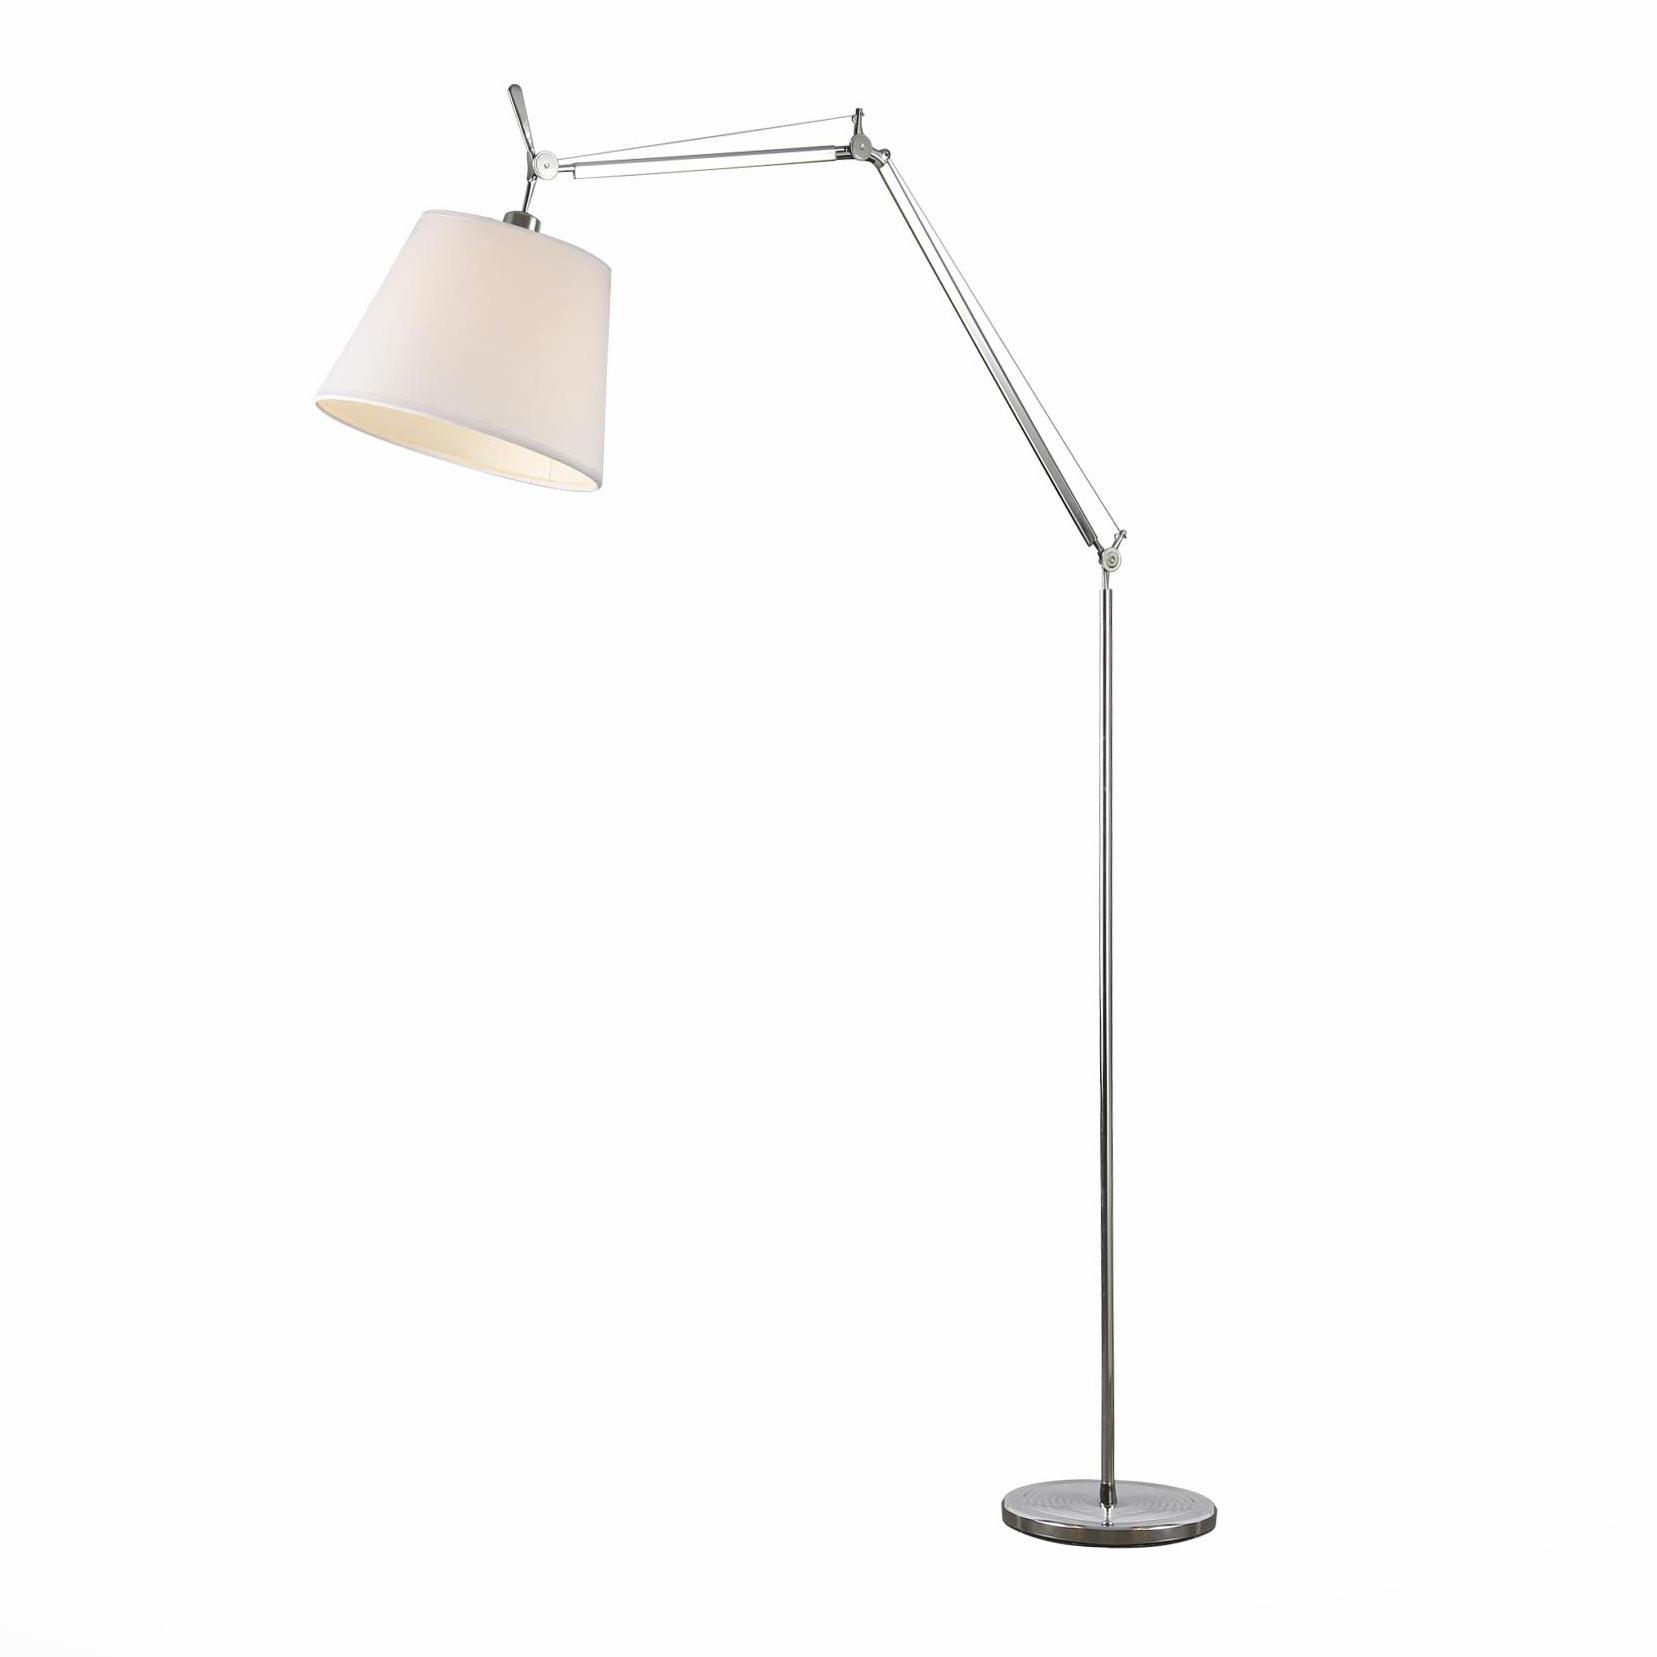 Настольные лампы — страница 2 - интернет-магазин